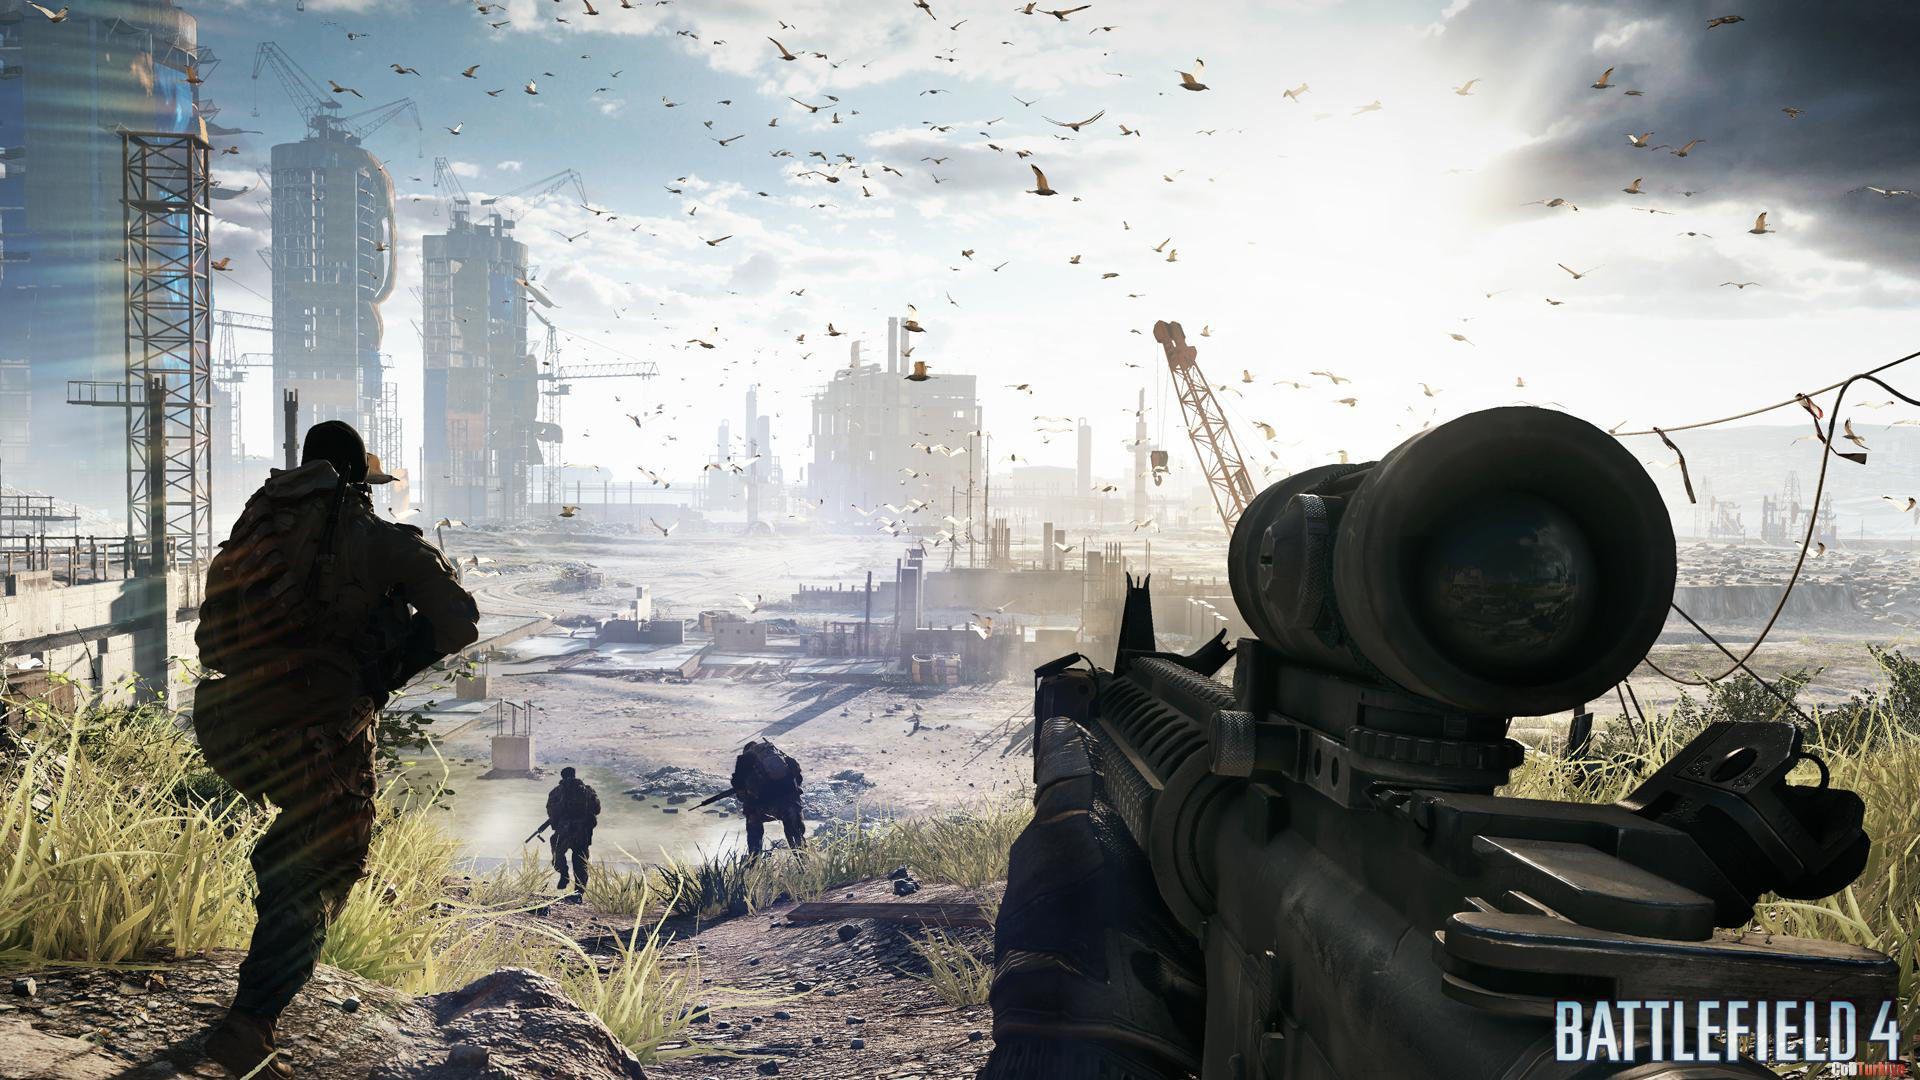 Battlefield 4 Wallpapers Construction